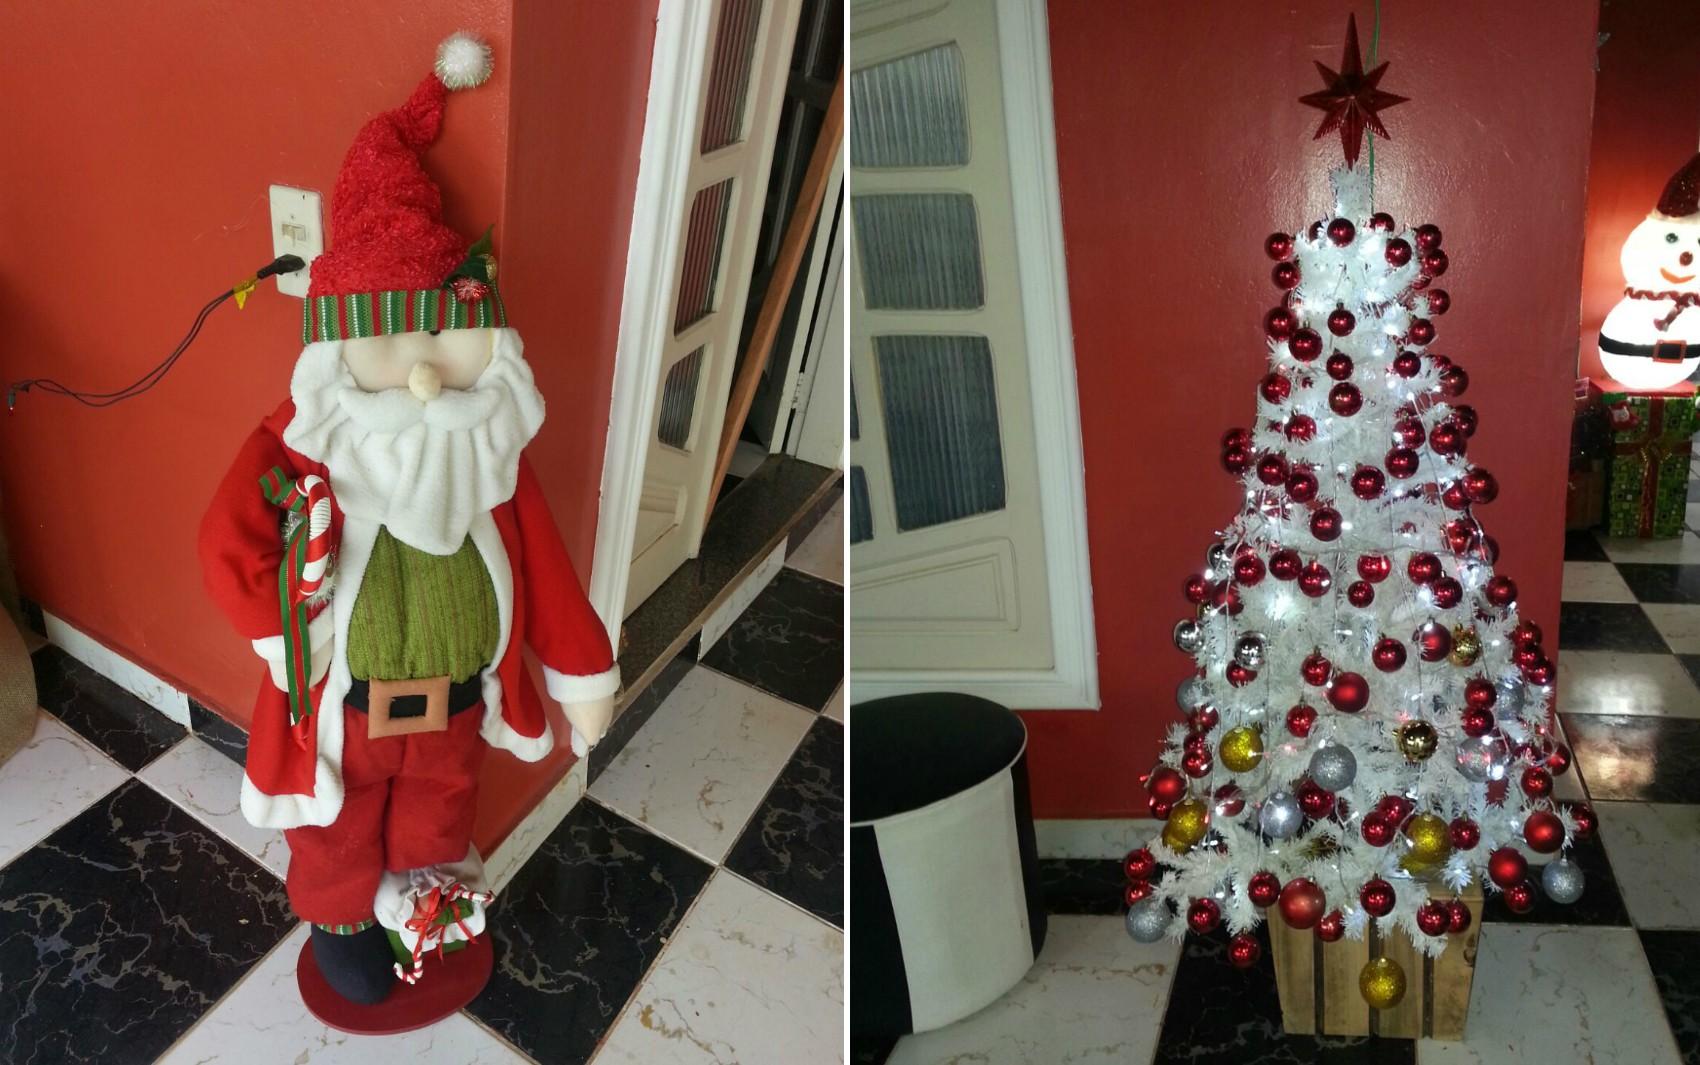 G1 quer saber como está o clima de Natal nas casas e ruas de Macapá; envie fotos